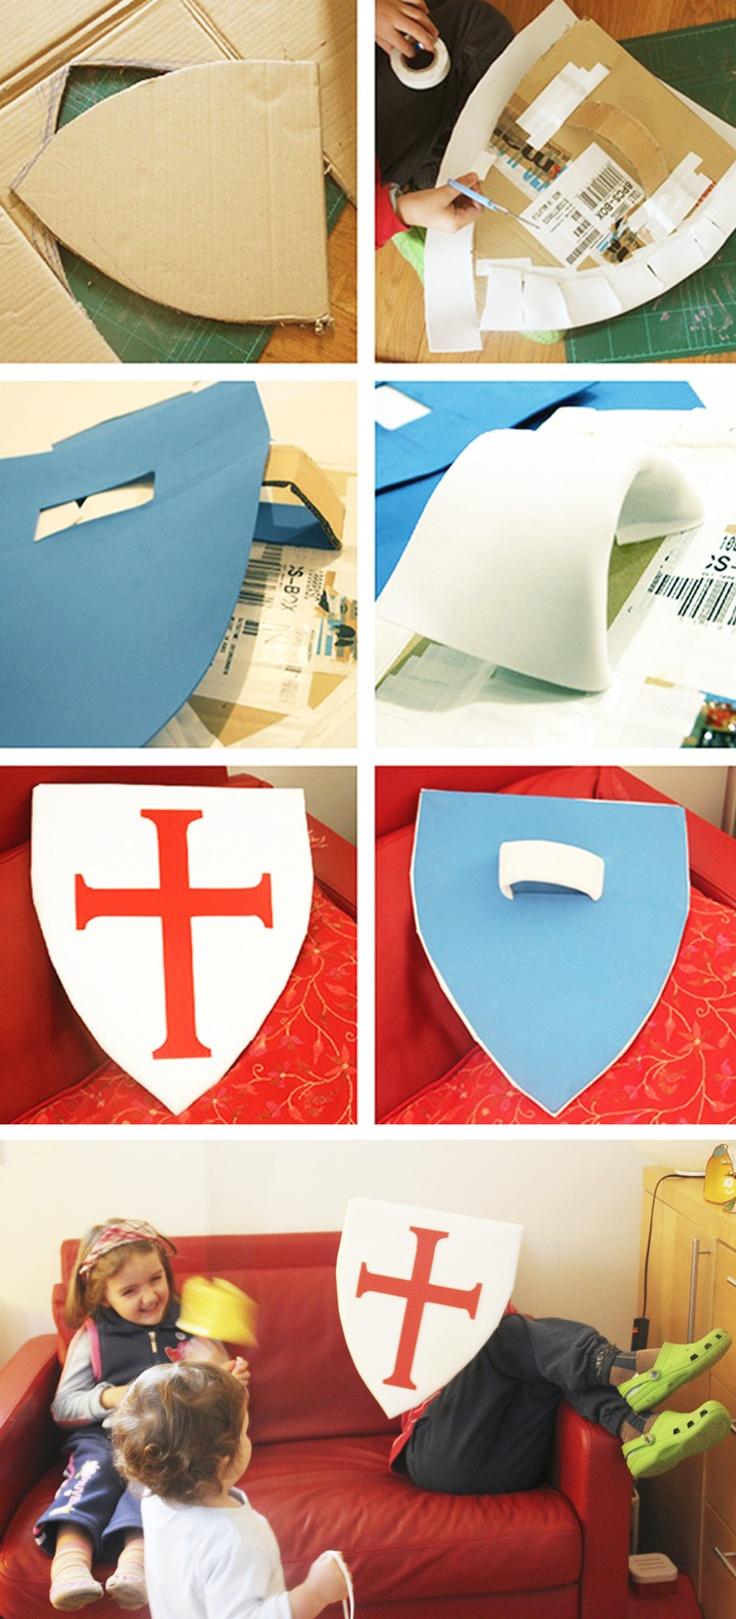 Escut de cavaller / Escudo de caballero / Escudo de cavaleiro                                                                                                                                                     Más